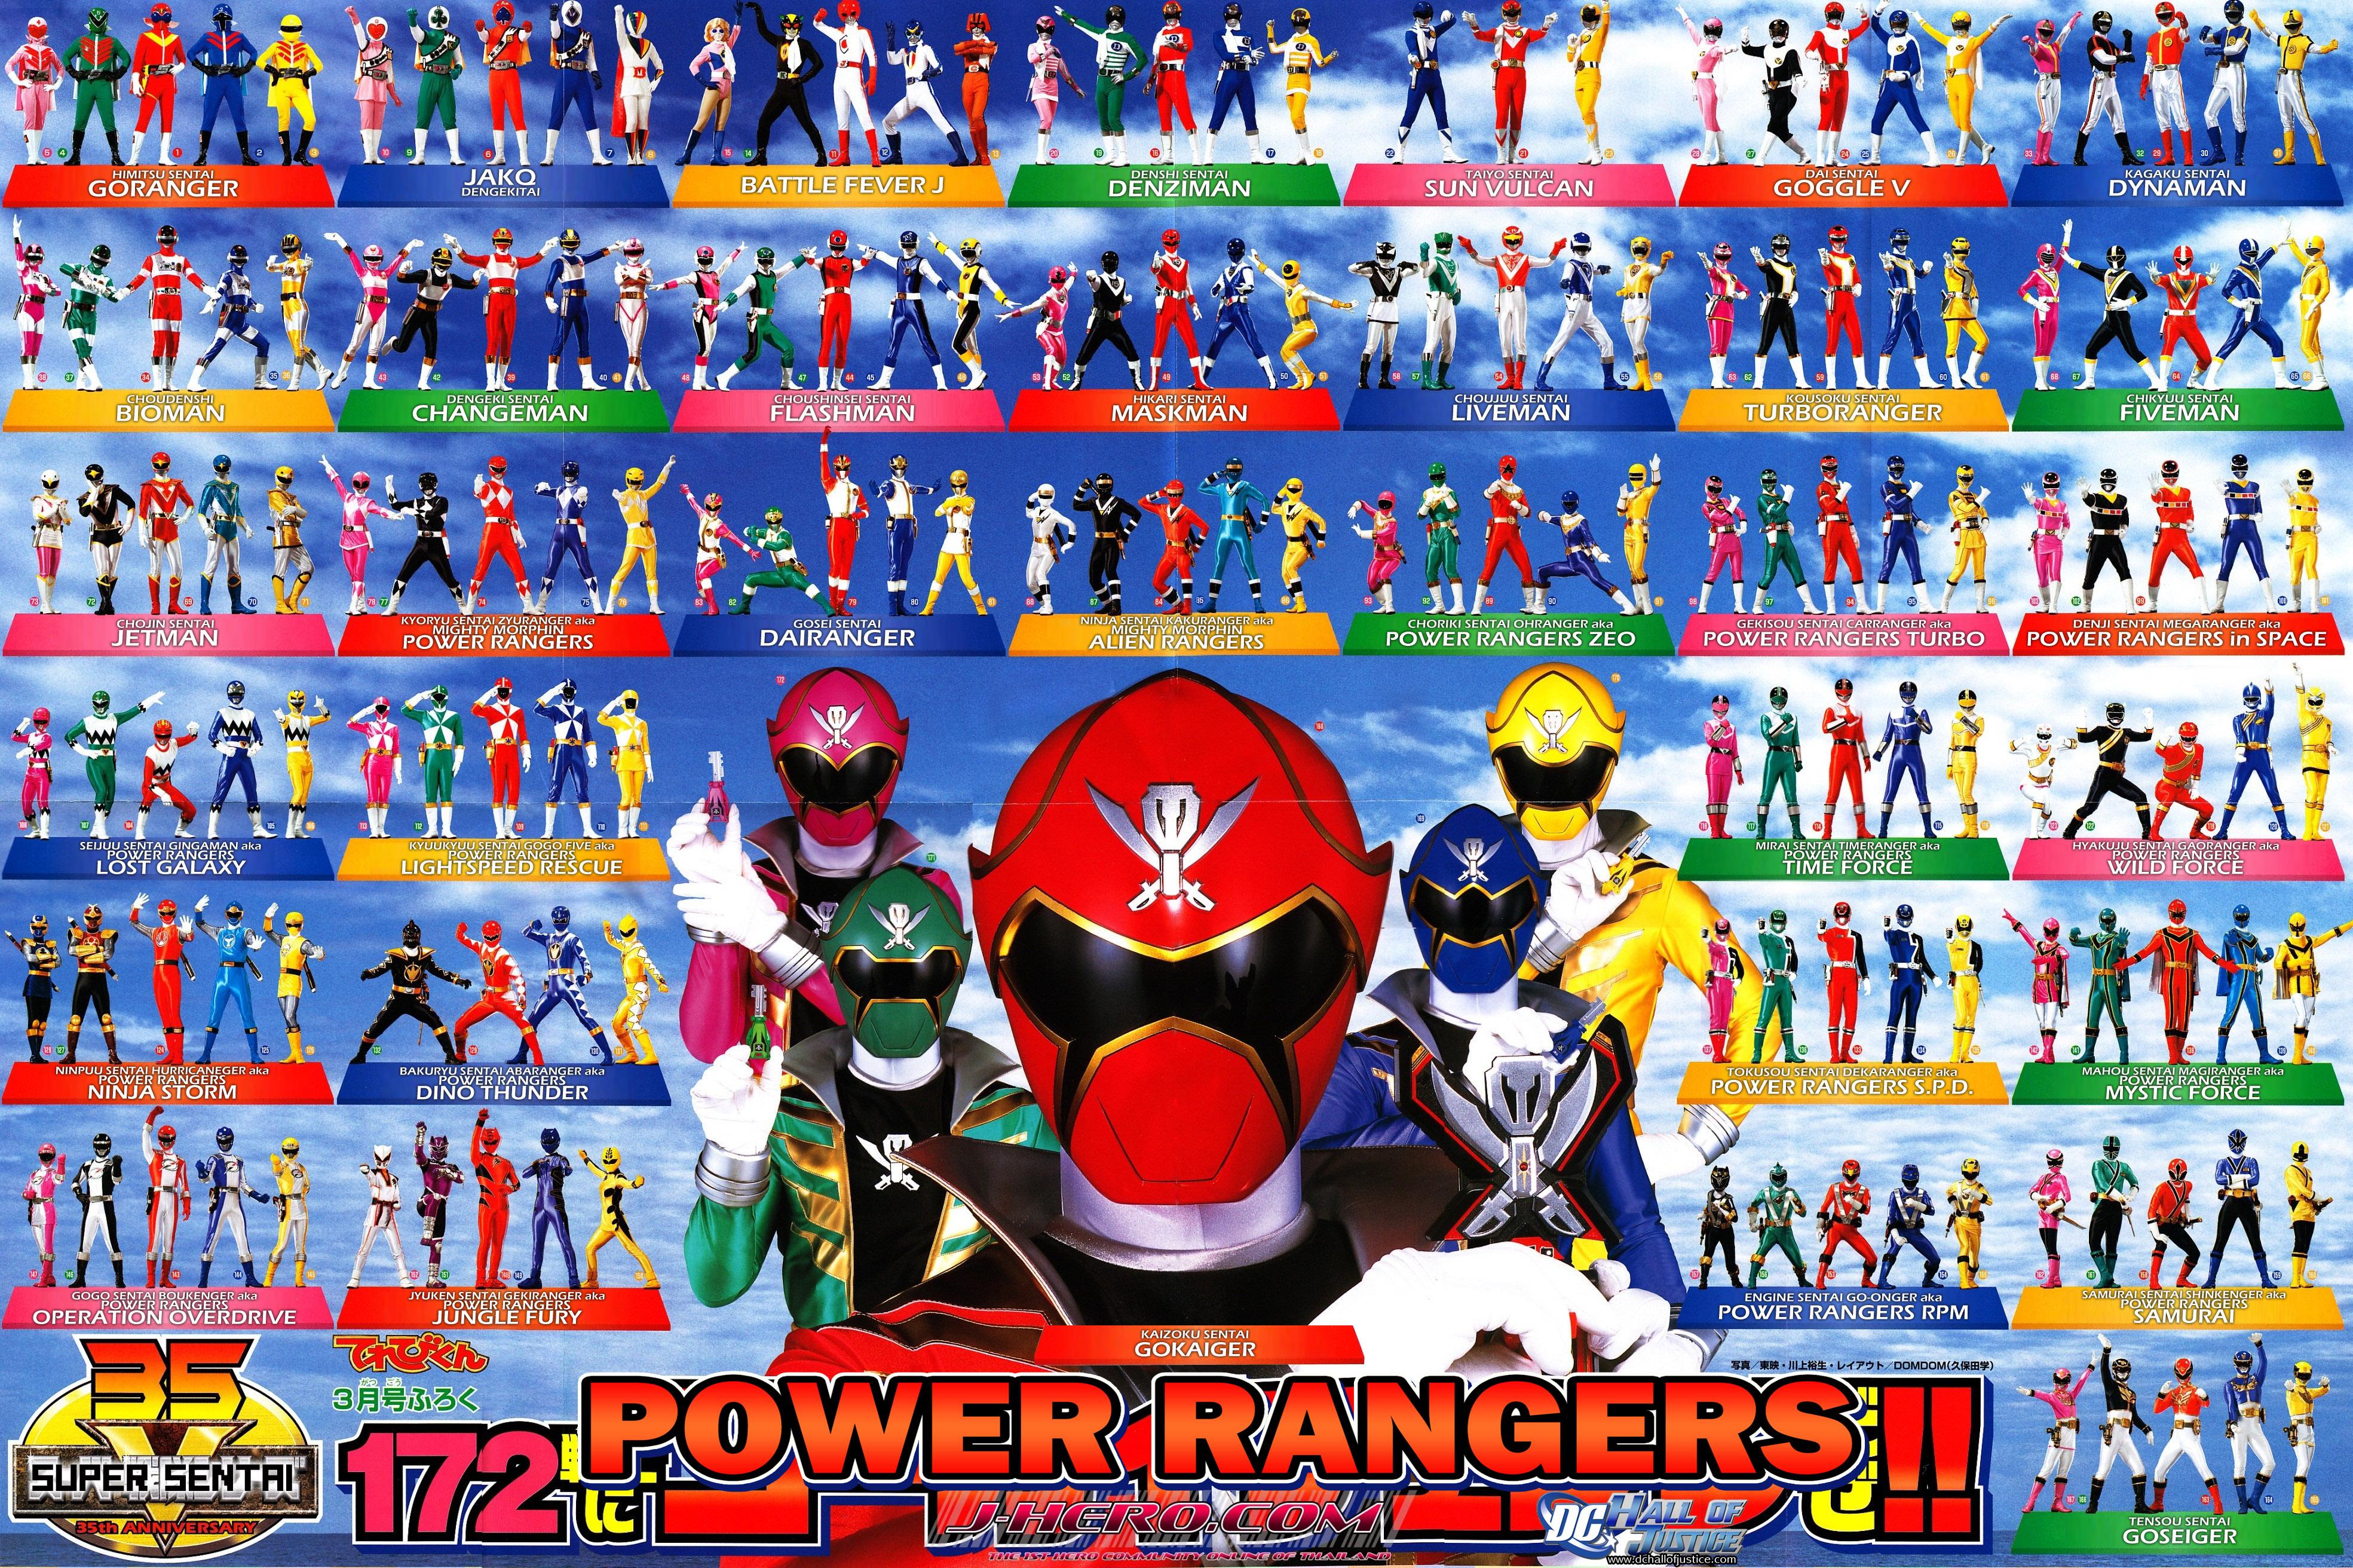 35th anniversary power rangers